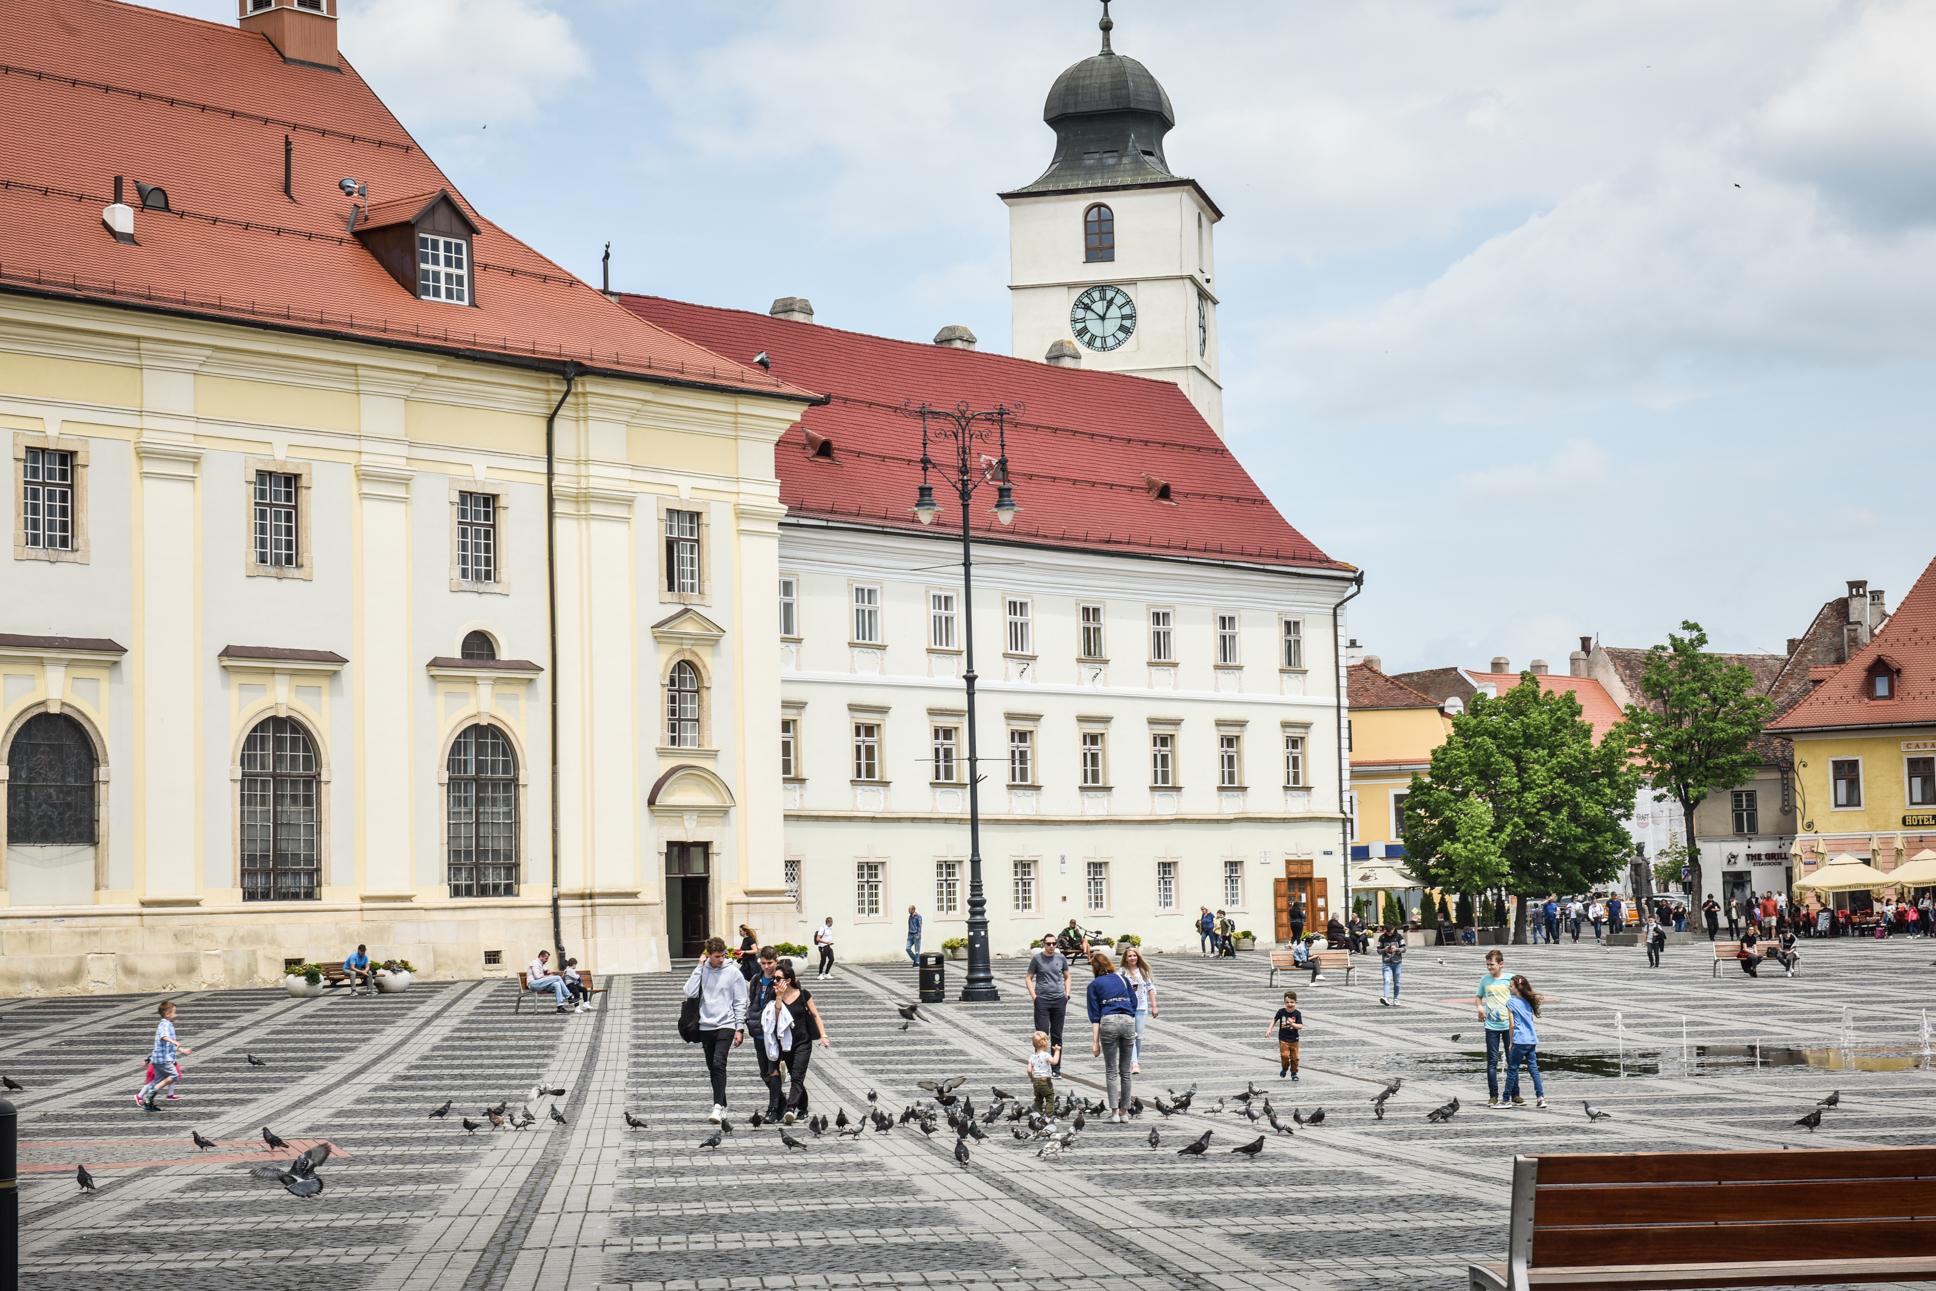 813 teste COVID efectuate la Sibiu, în ultimele 24 de ore. Două au fost pozitive